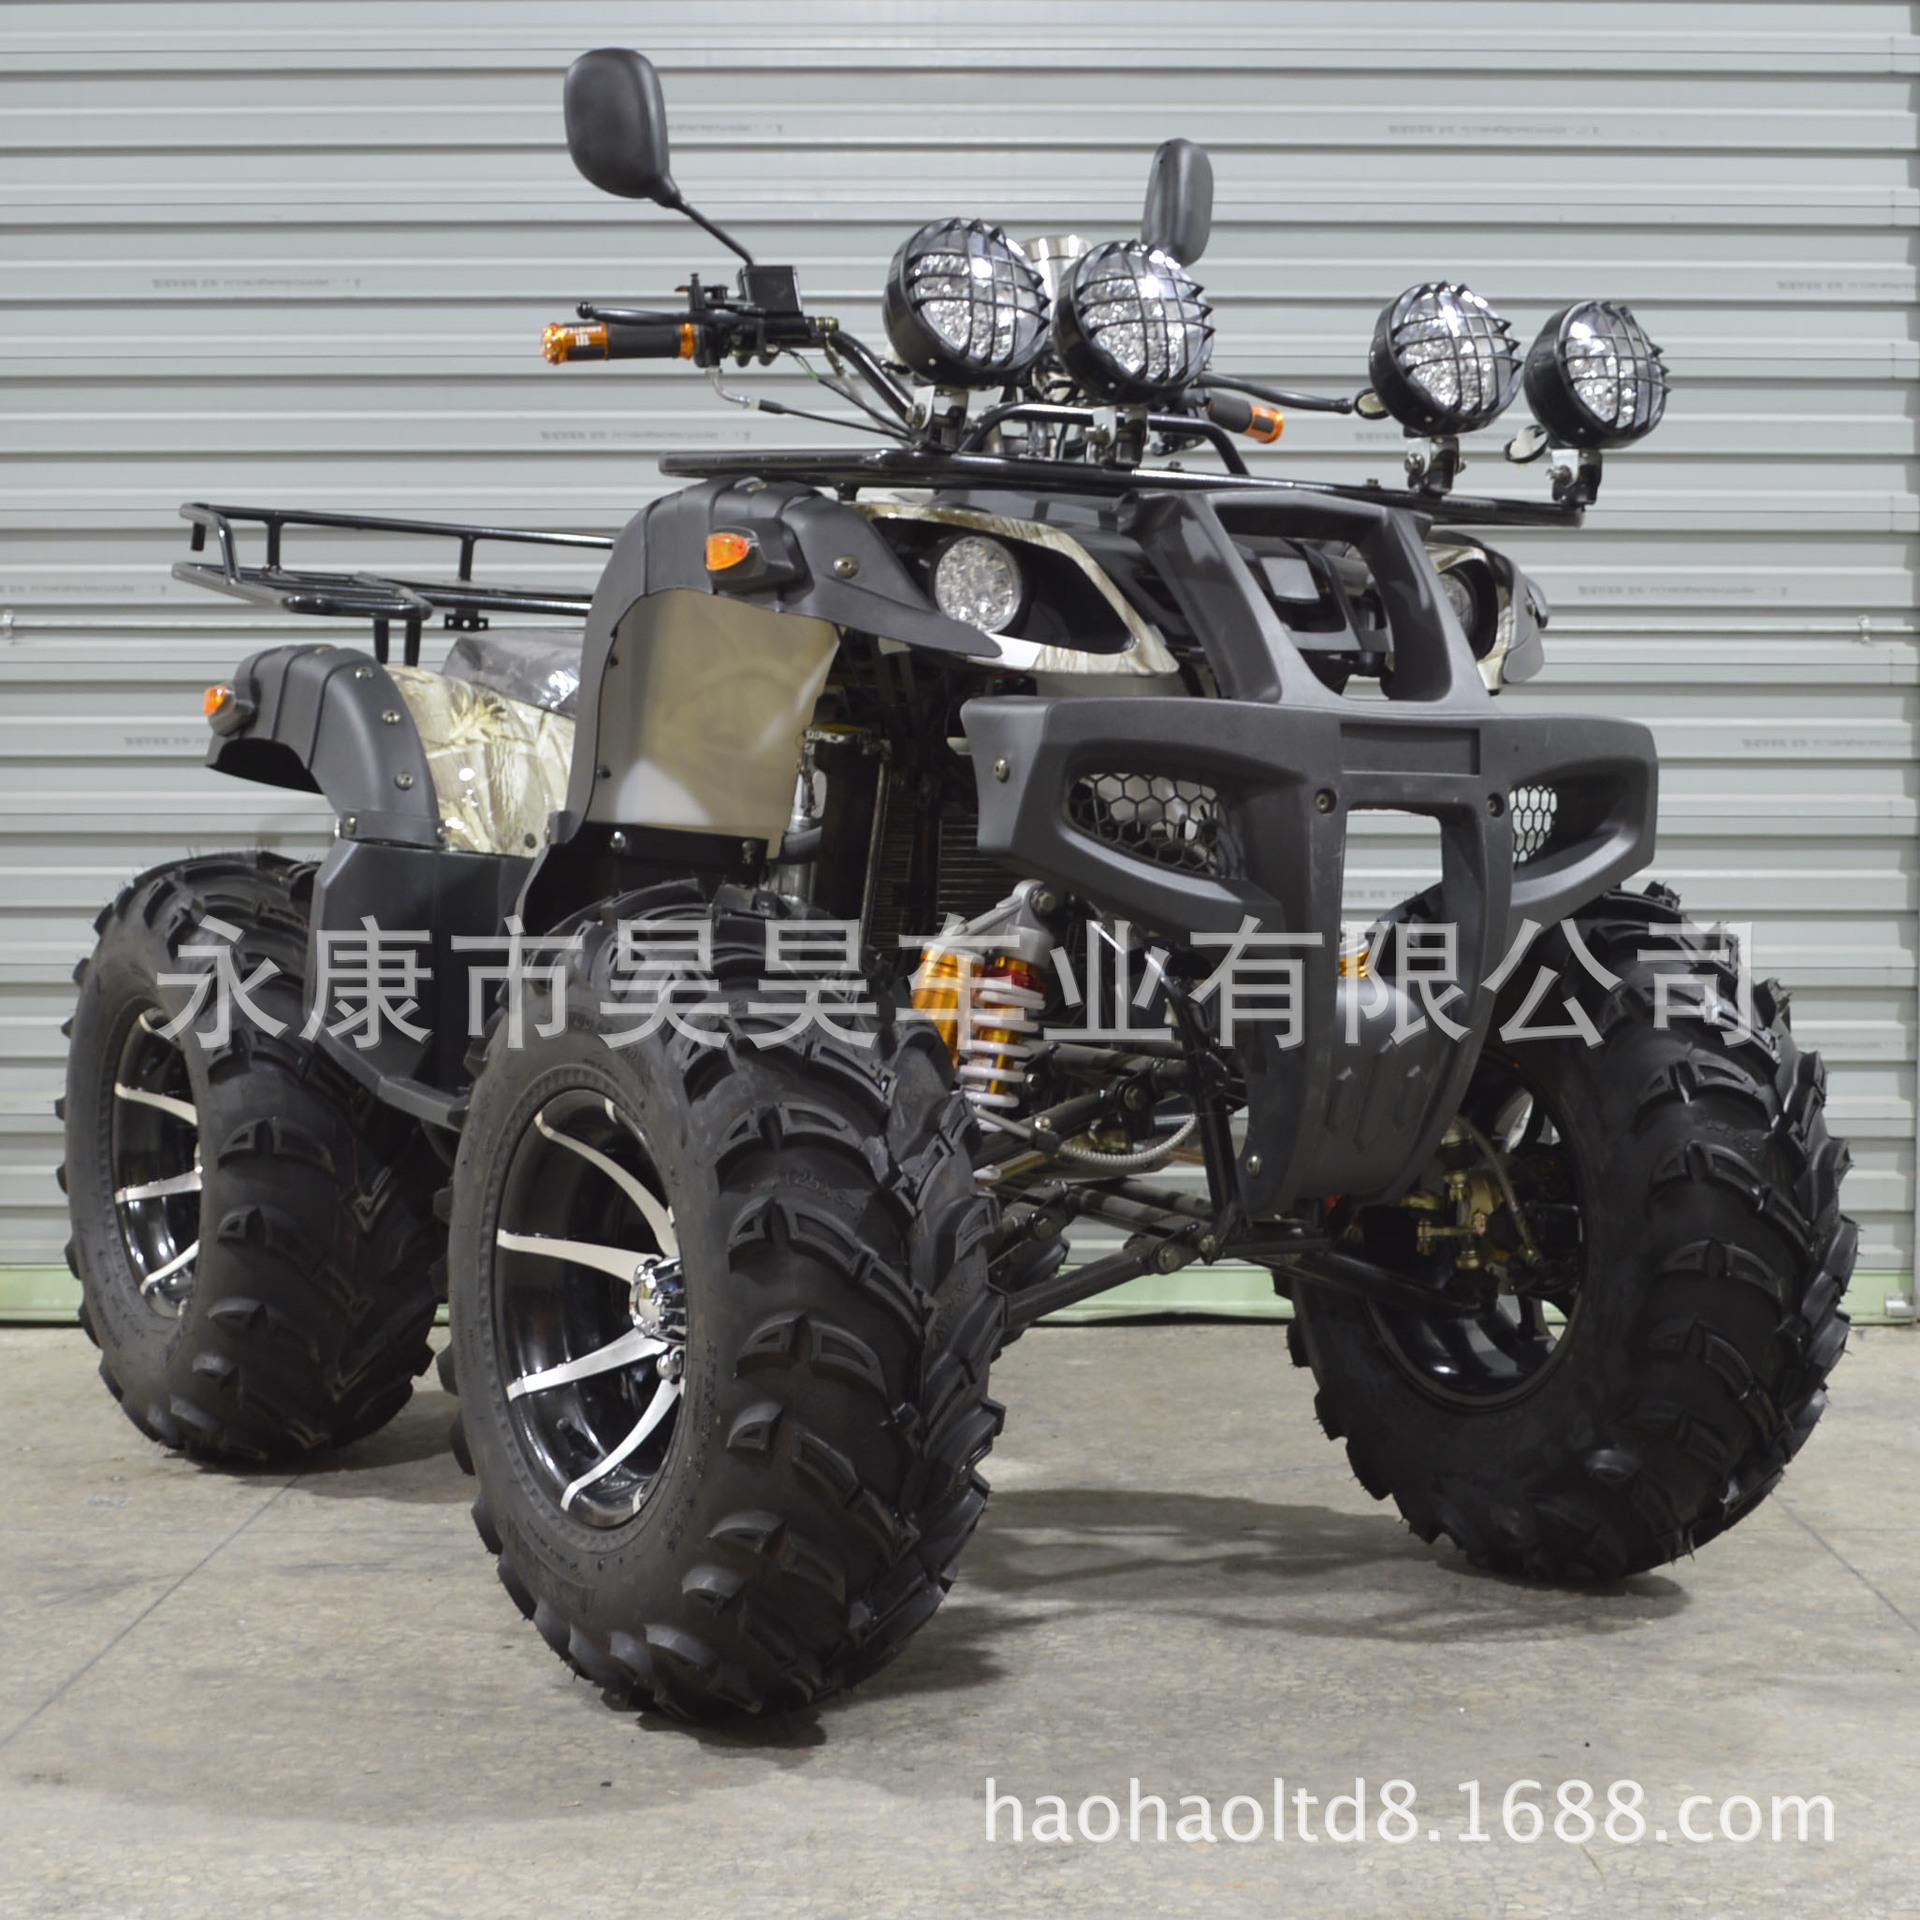 250CC 轴传动大公牛 越野车 沙滩车 摩托车 雪地摩托车 越野车